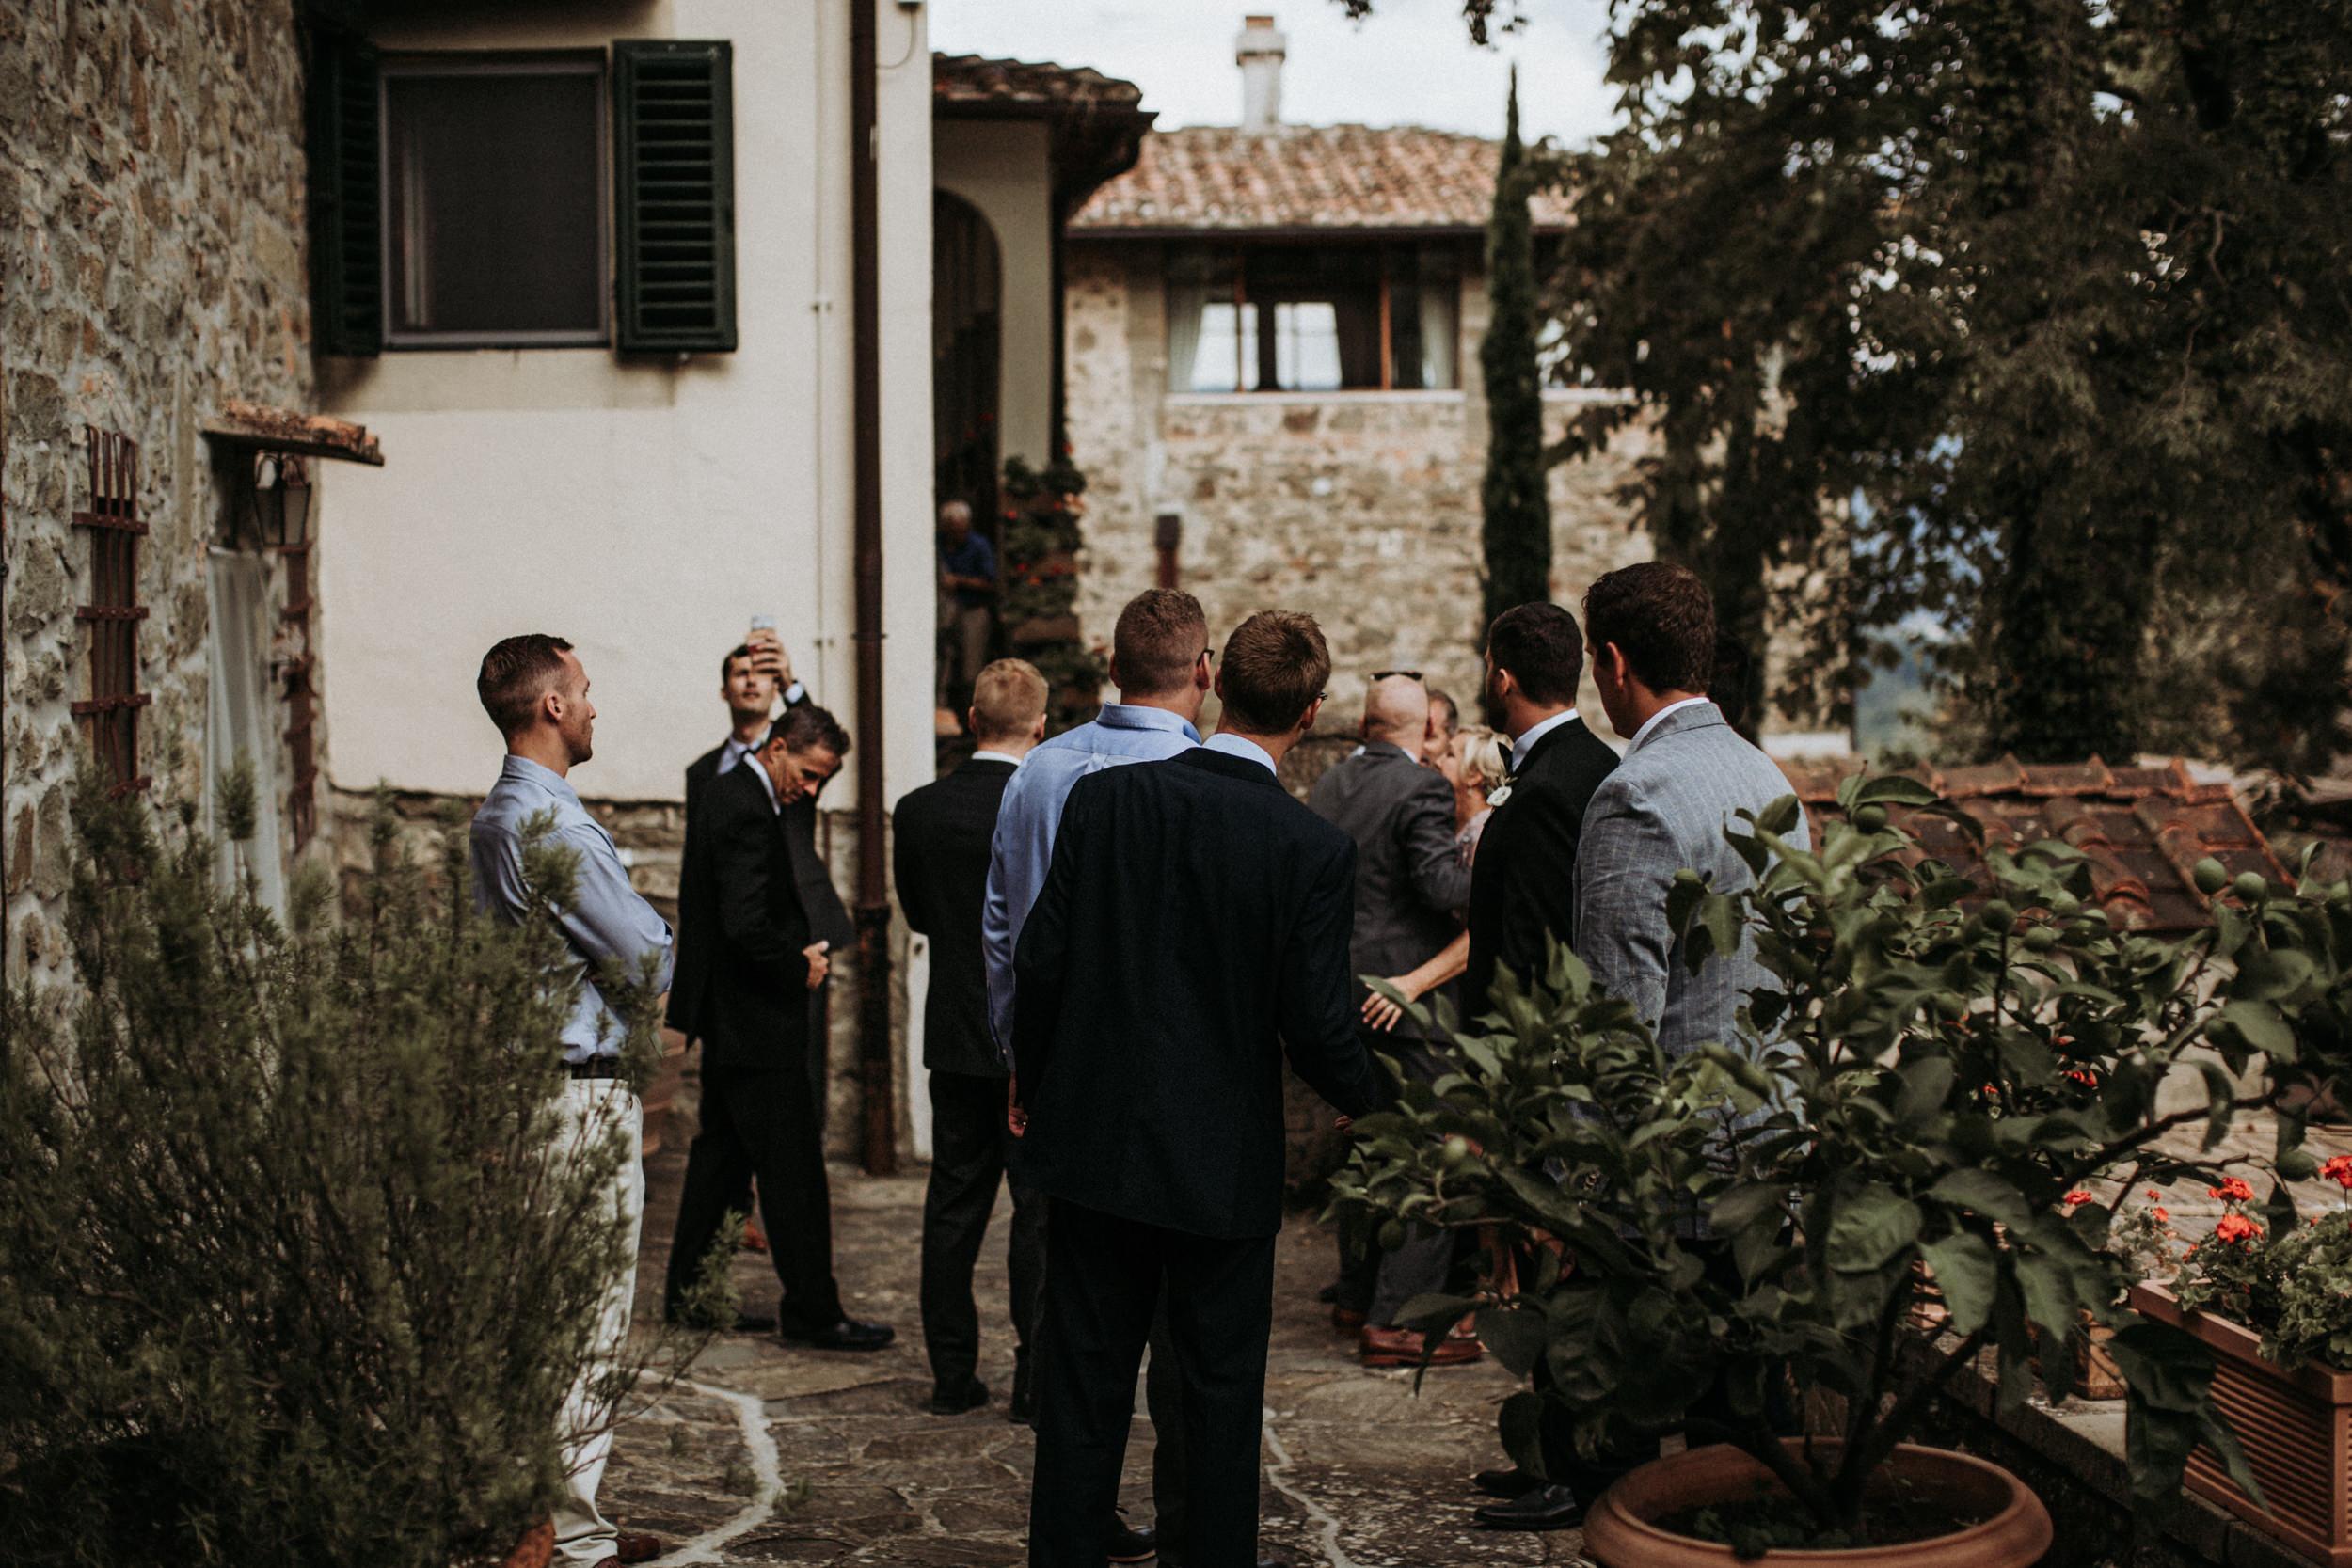 dm_photography_KW_Tuscanyweddingday_194